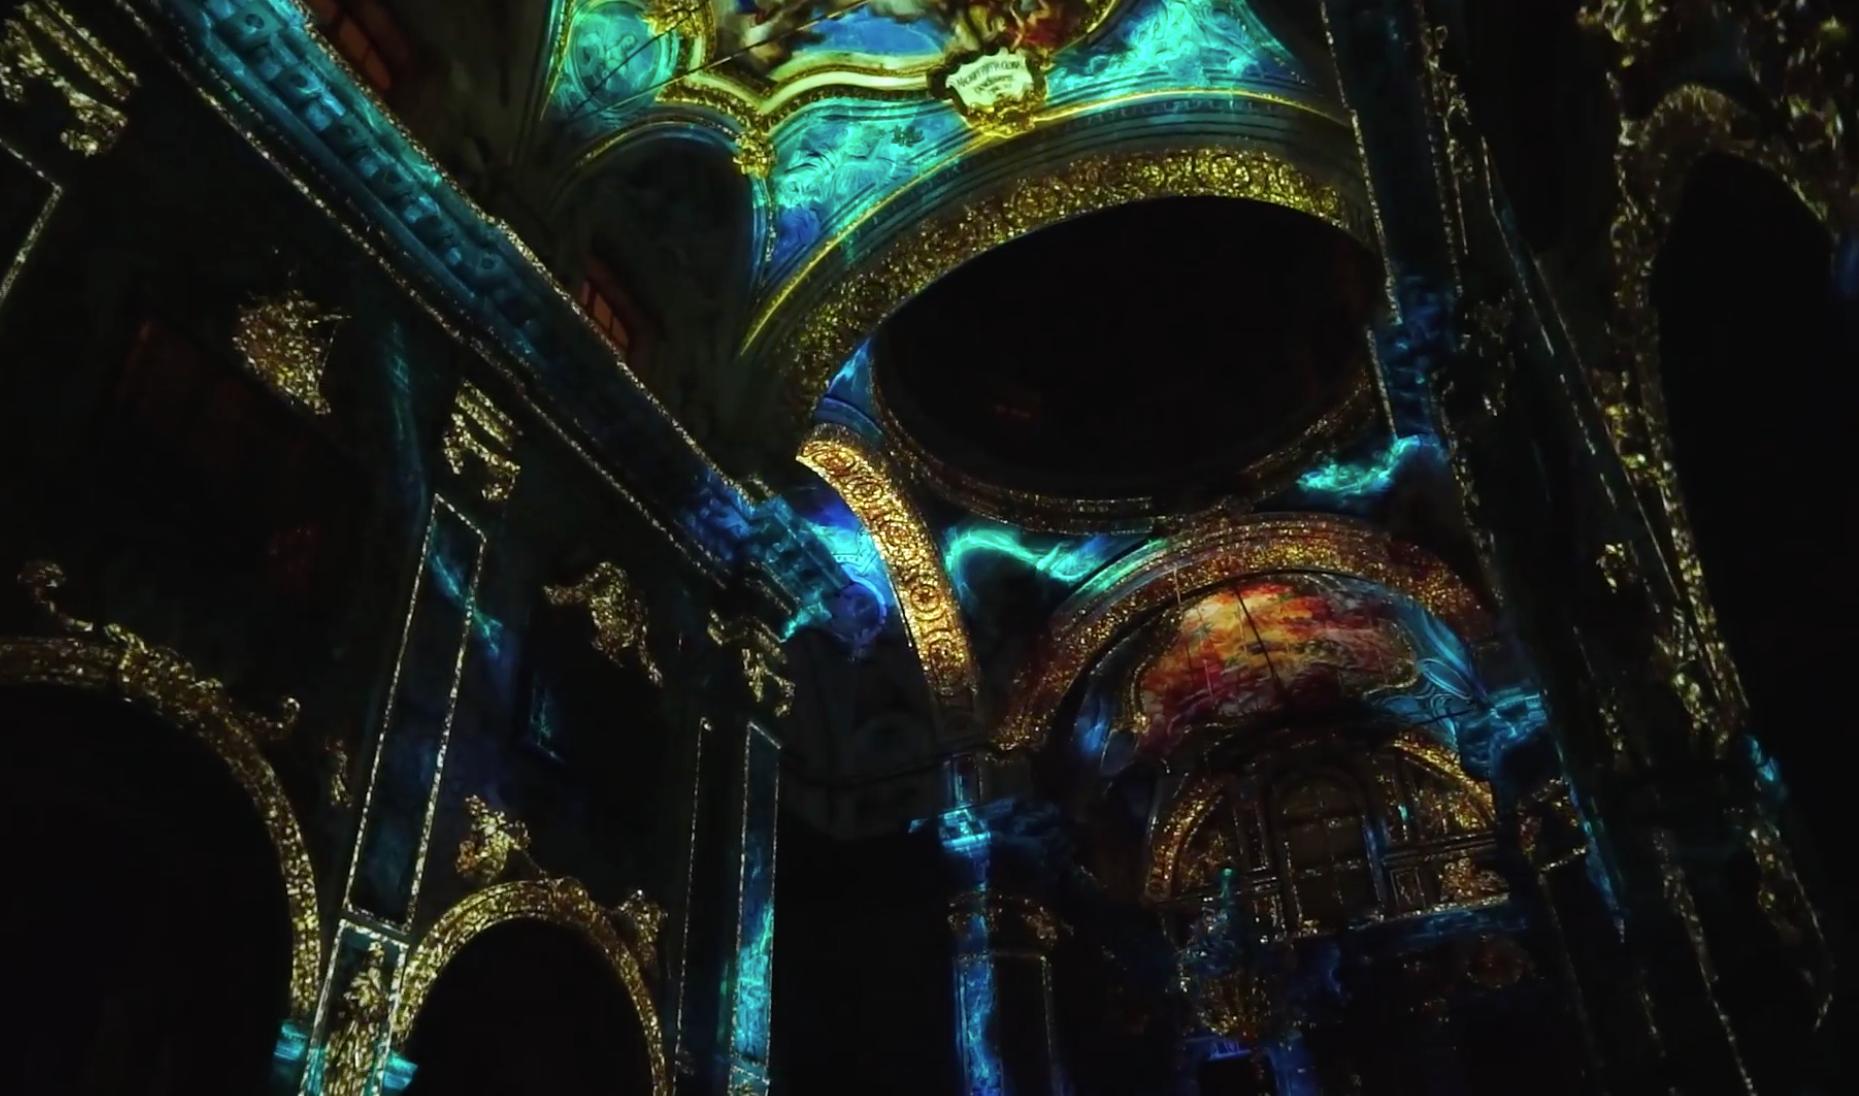 A Santa Caterina è di nuovo 'Exstasis': 3 giorni di videomapping tra suoni e visioni